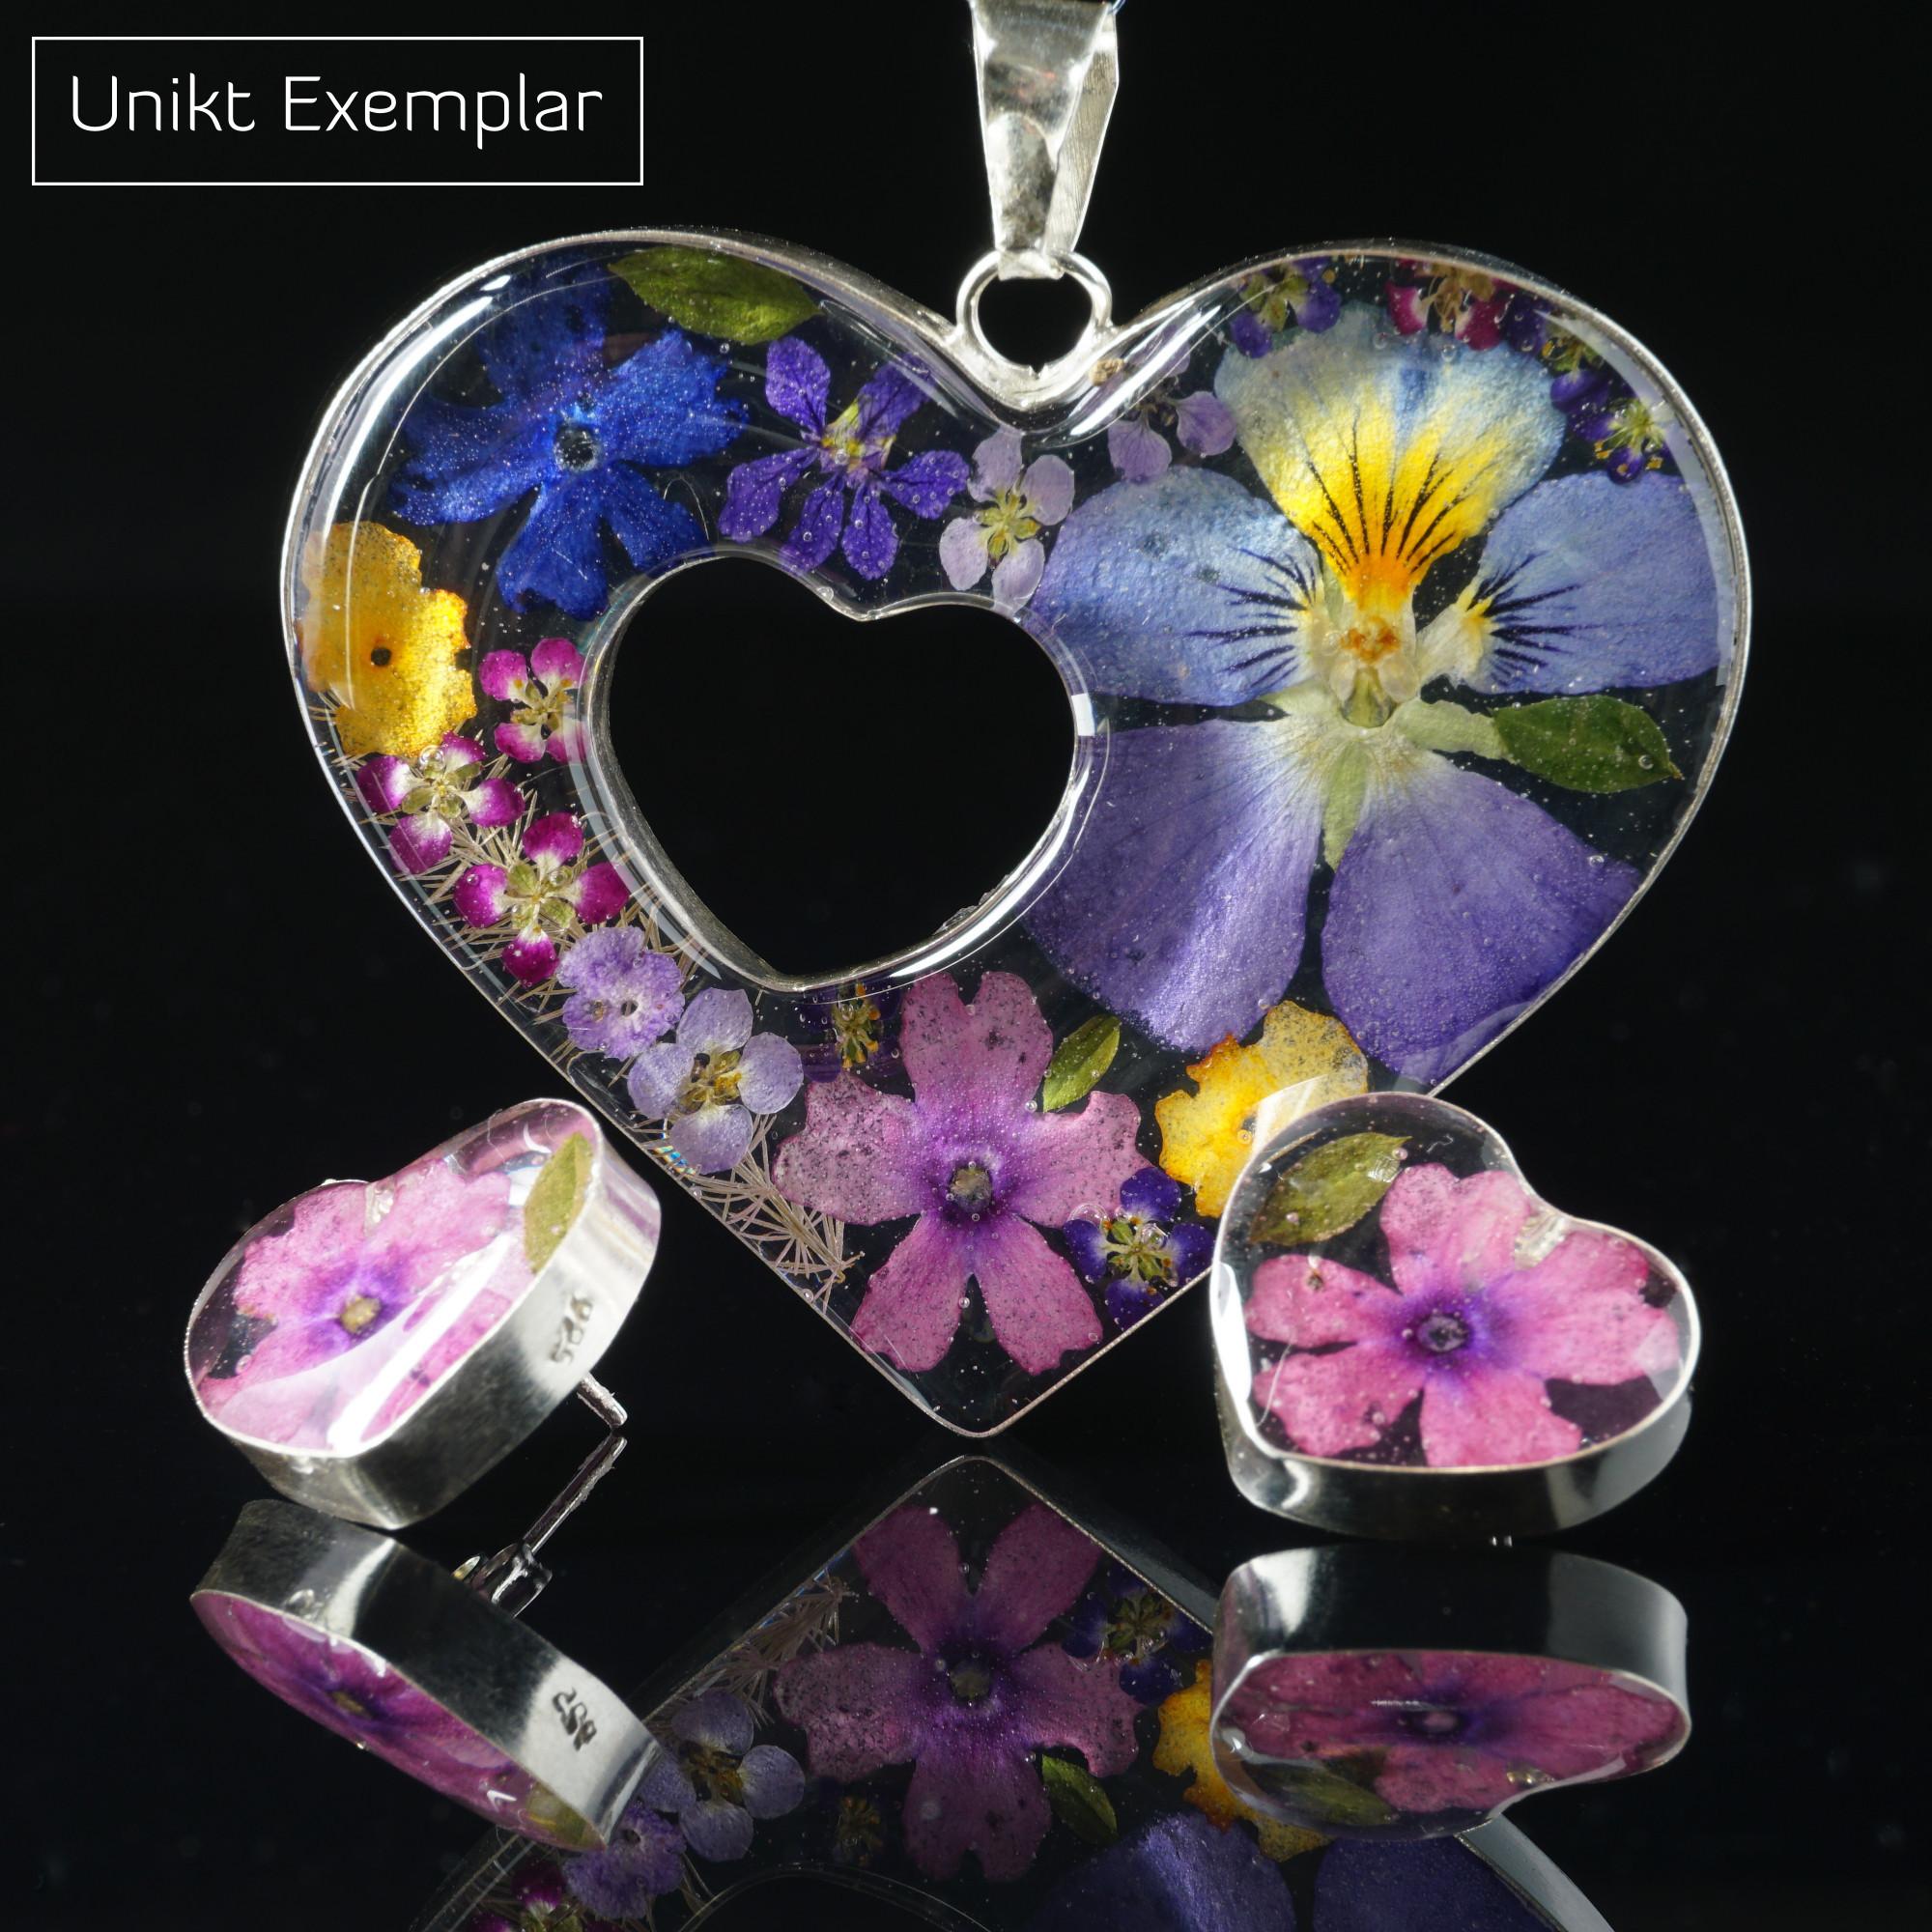 Naturligt Hjärta: örhängen och hänge gjorda av silver och naturliga blommor